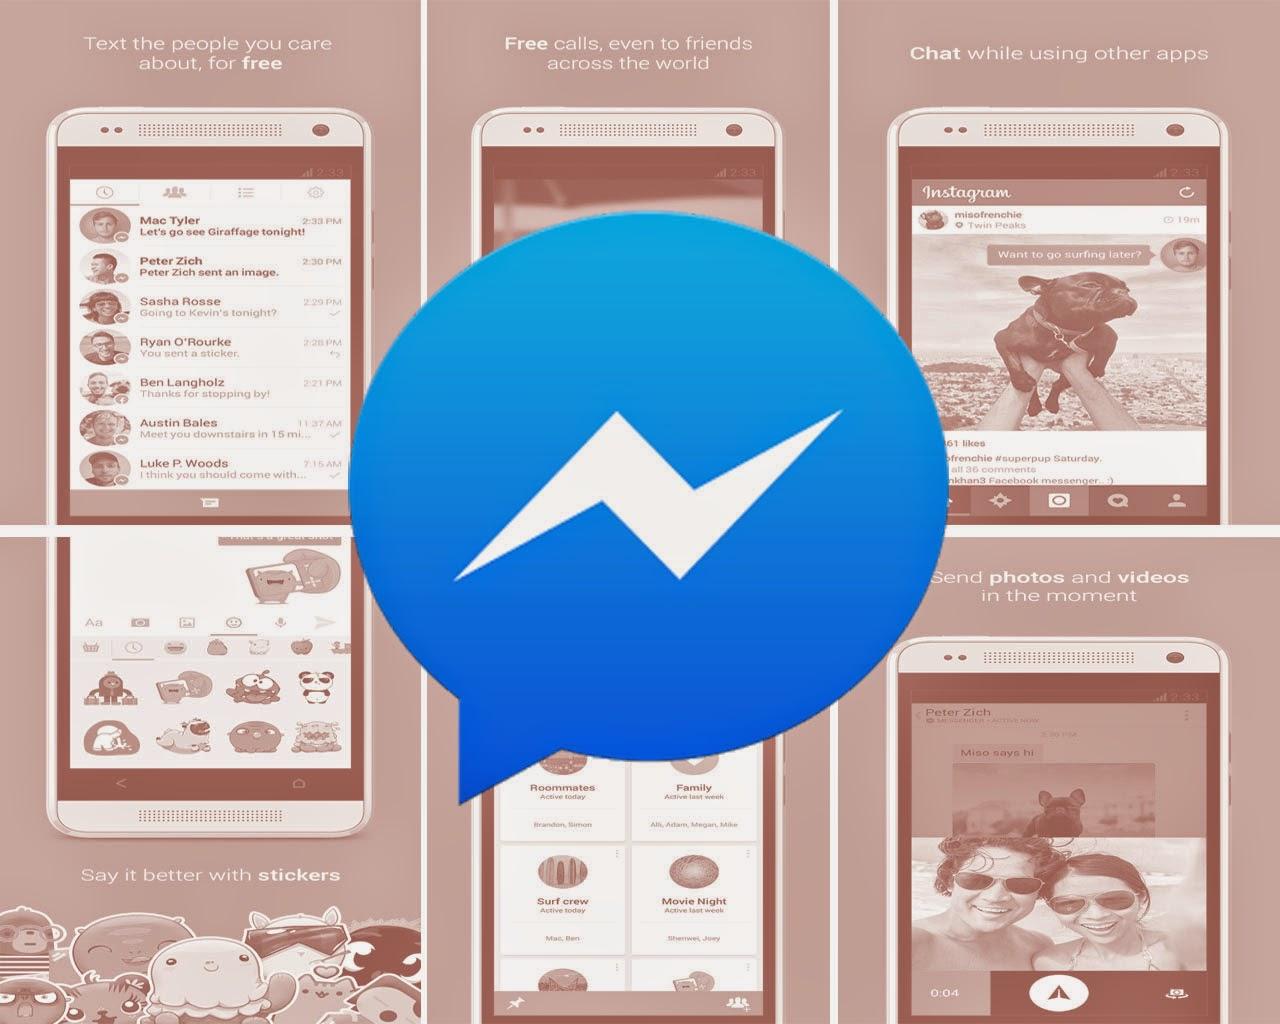 facebook Messenger 18 0 0 27 14 apk free download